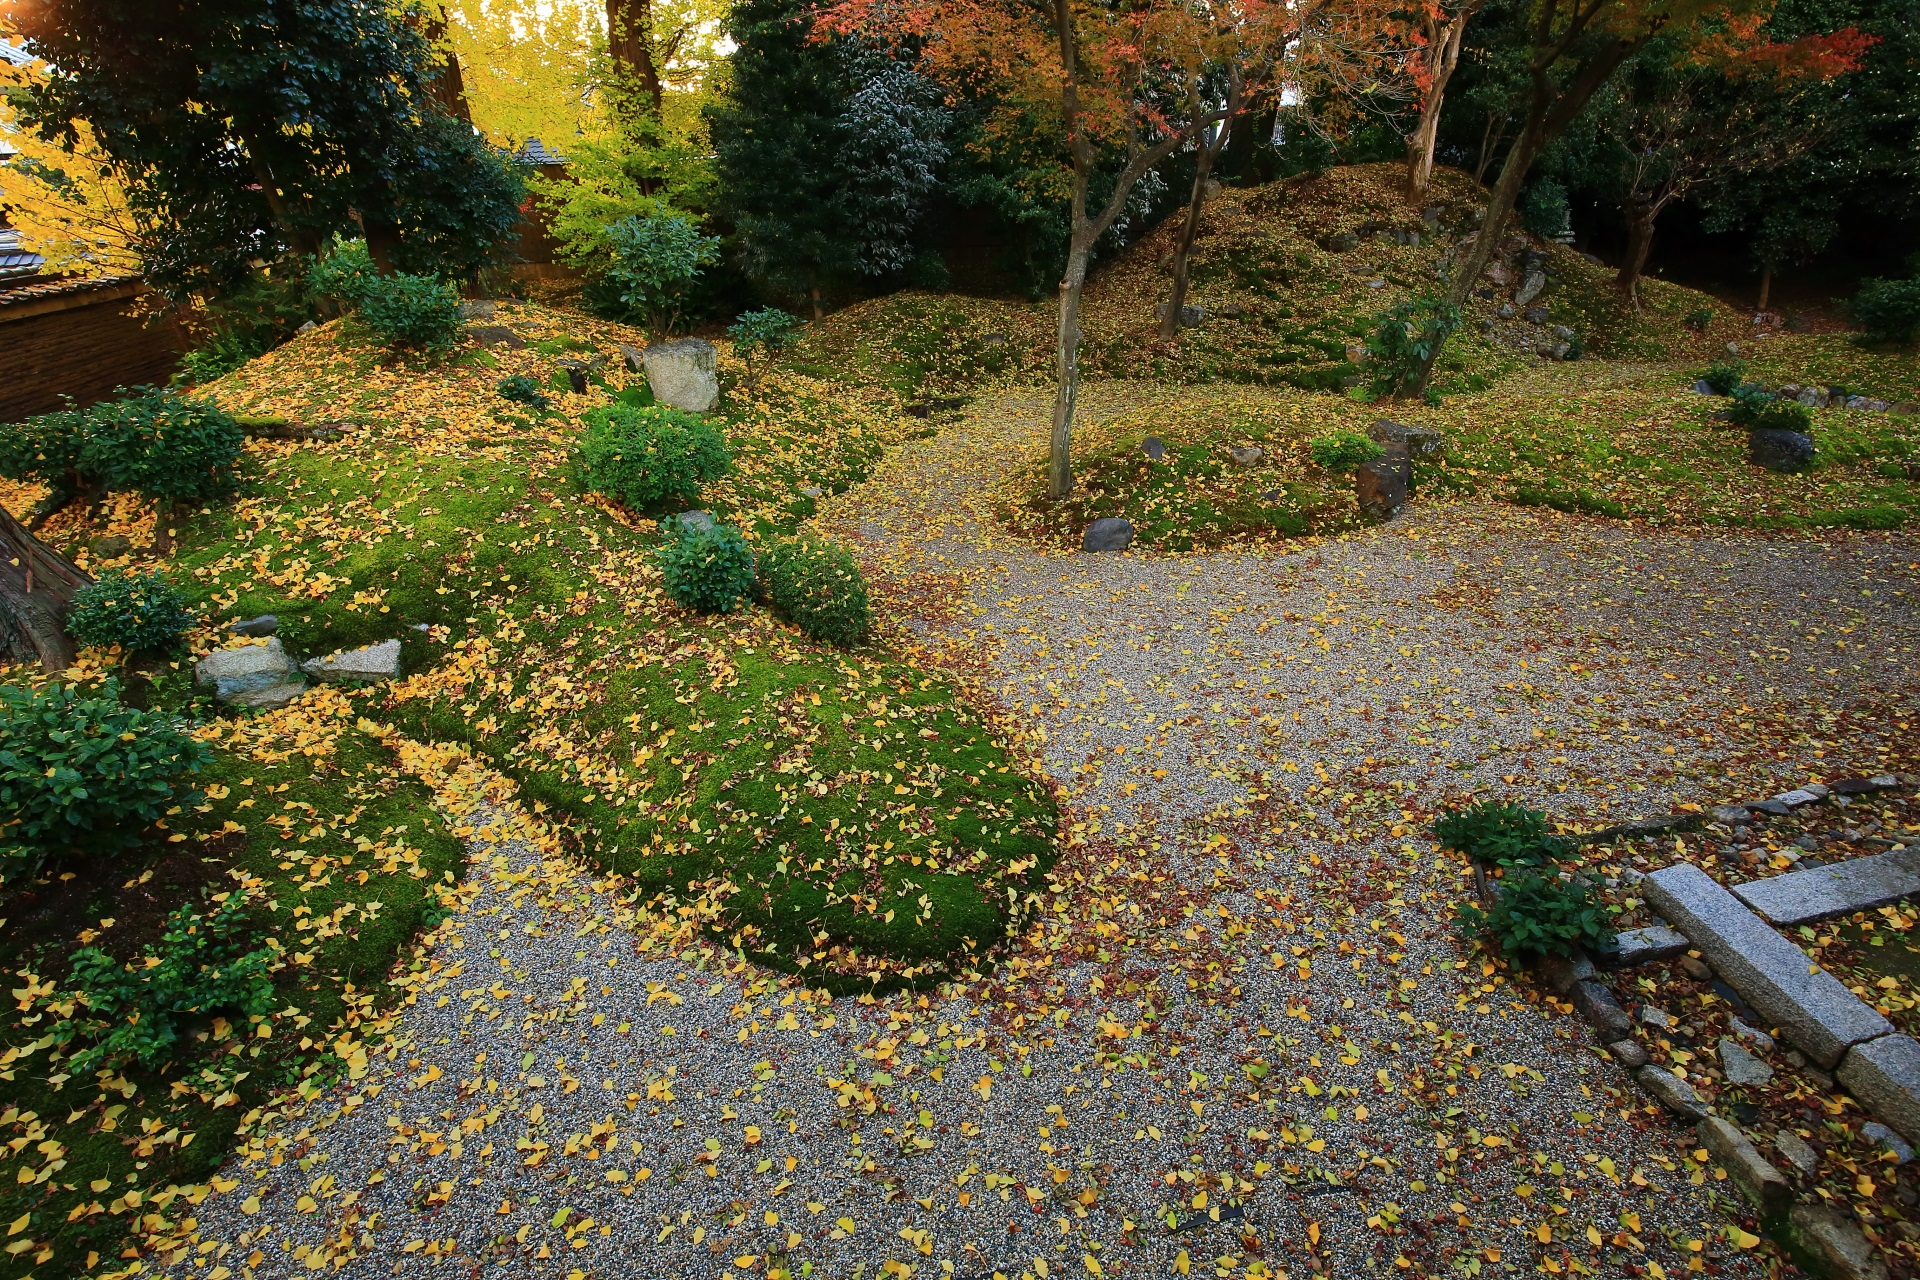 立本寺の落ち着いた庭園を染める豪快な散り銀杏